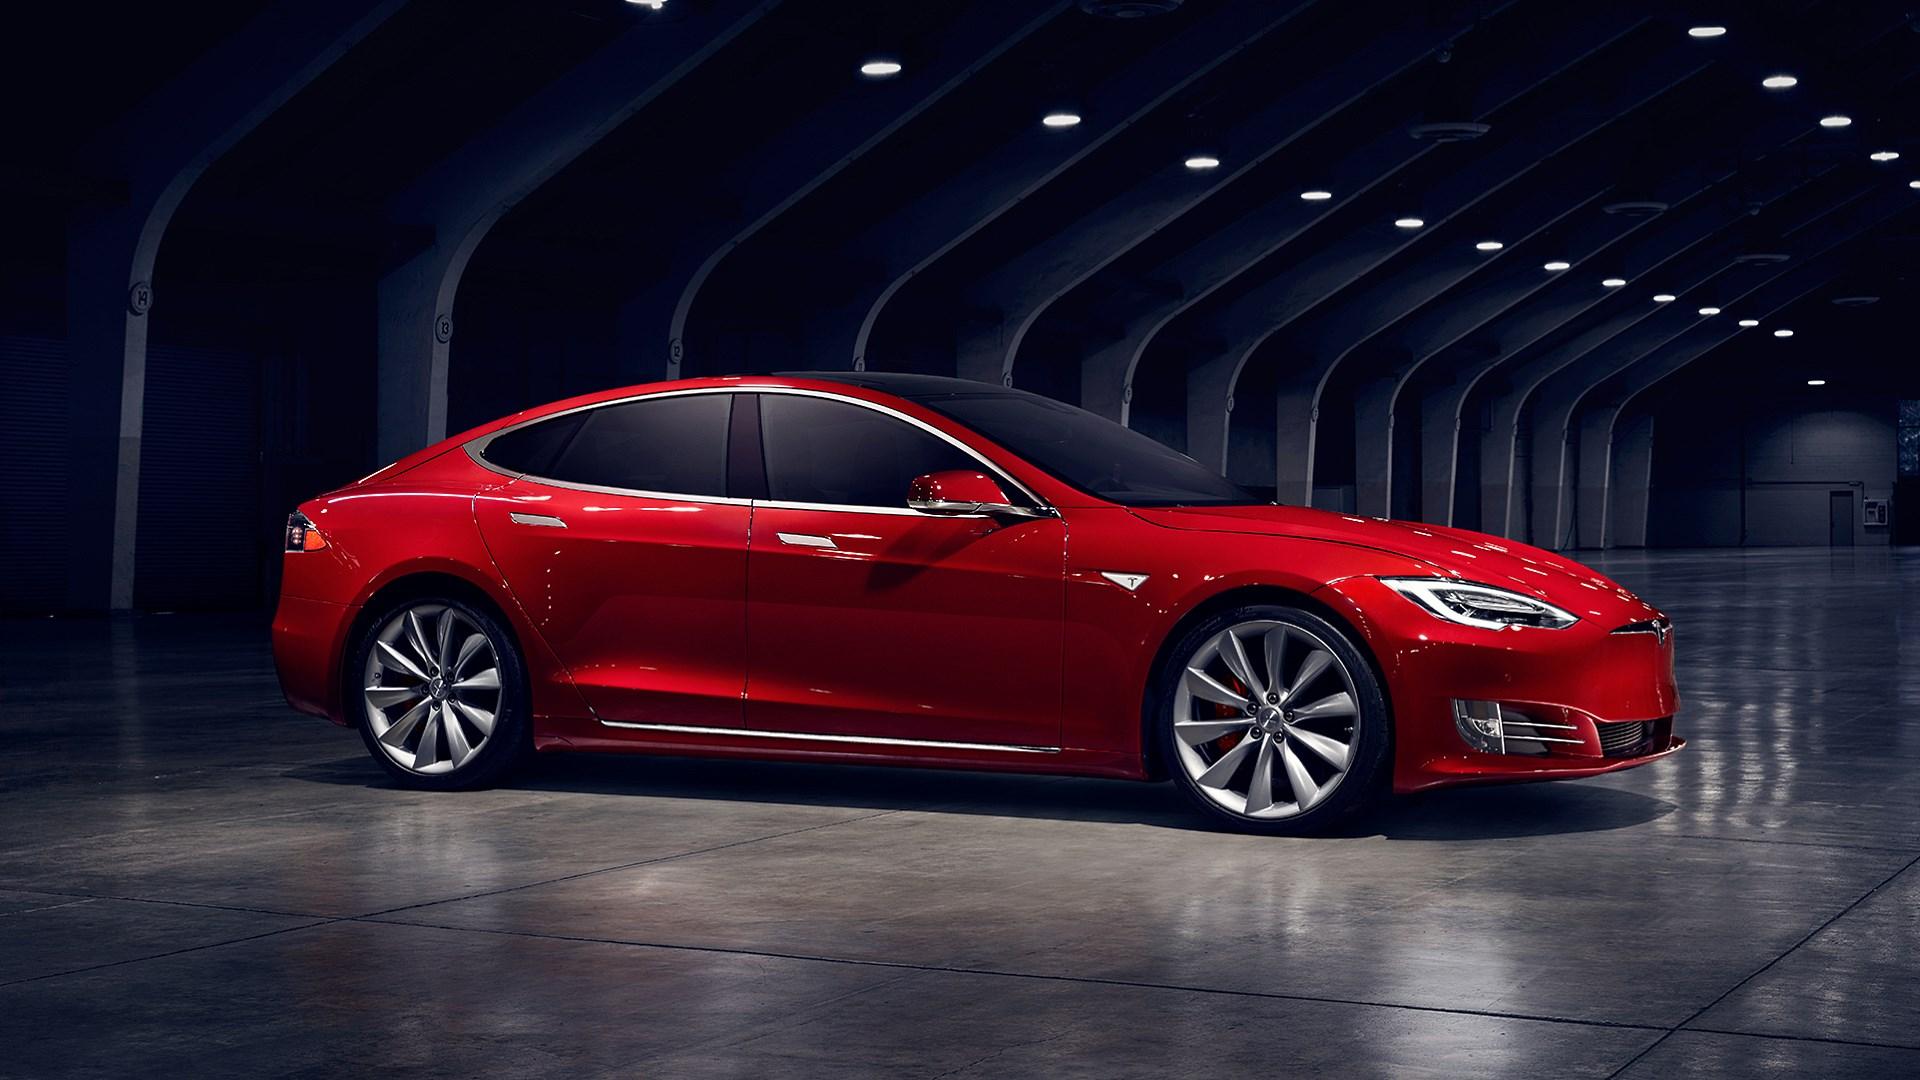 Tesla Model S wypadek tesla autopilot śledztwo